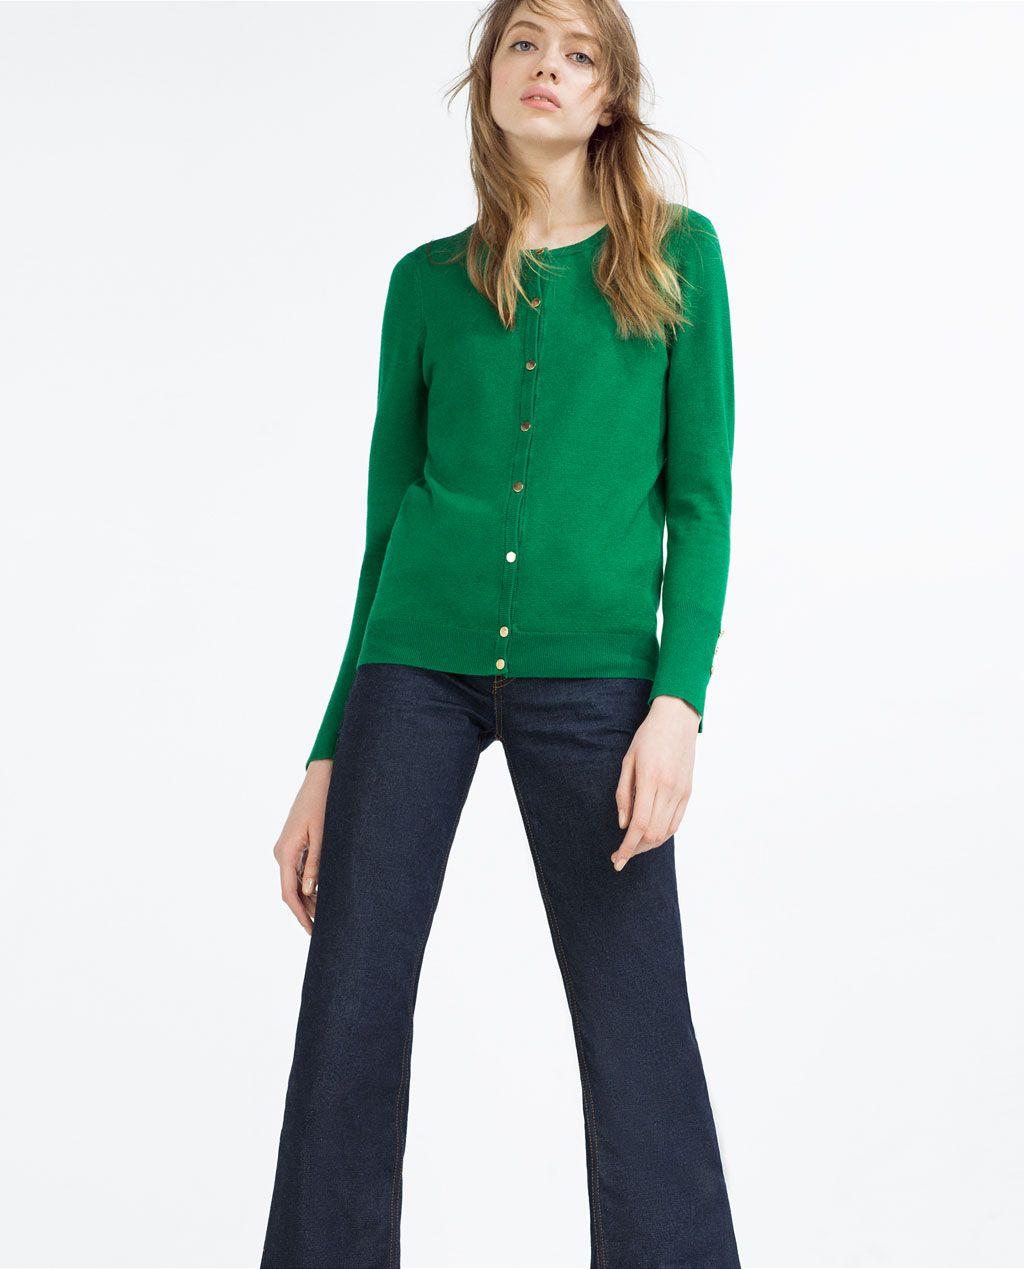 Chaqueta punto mujer verde